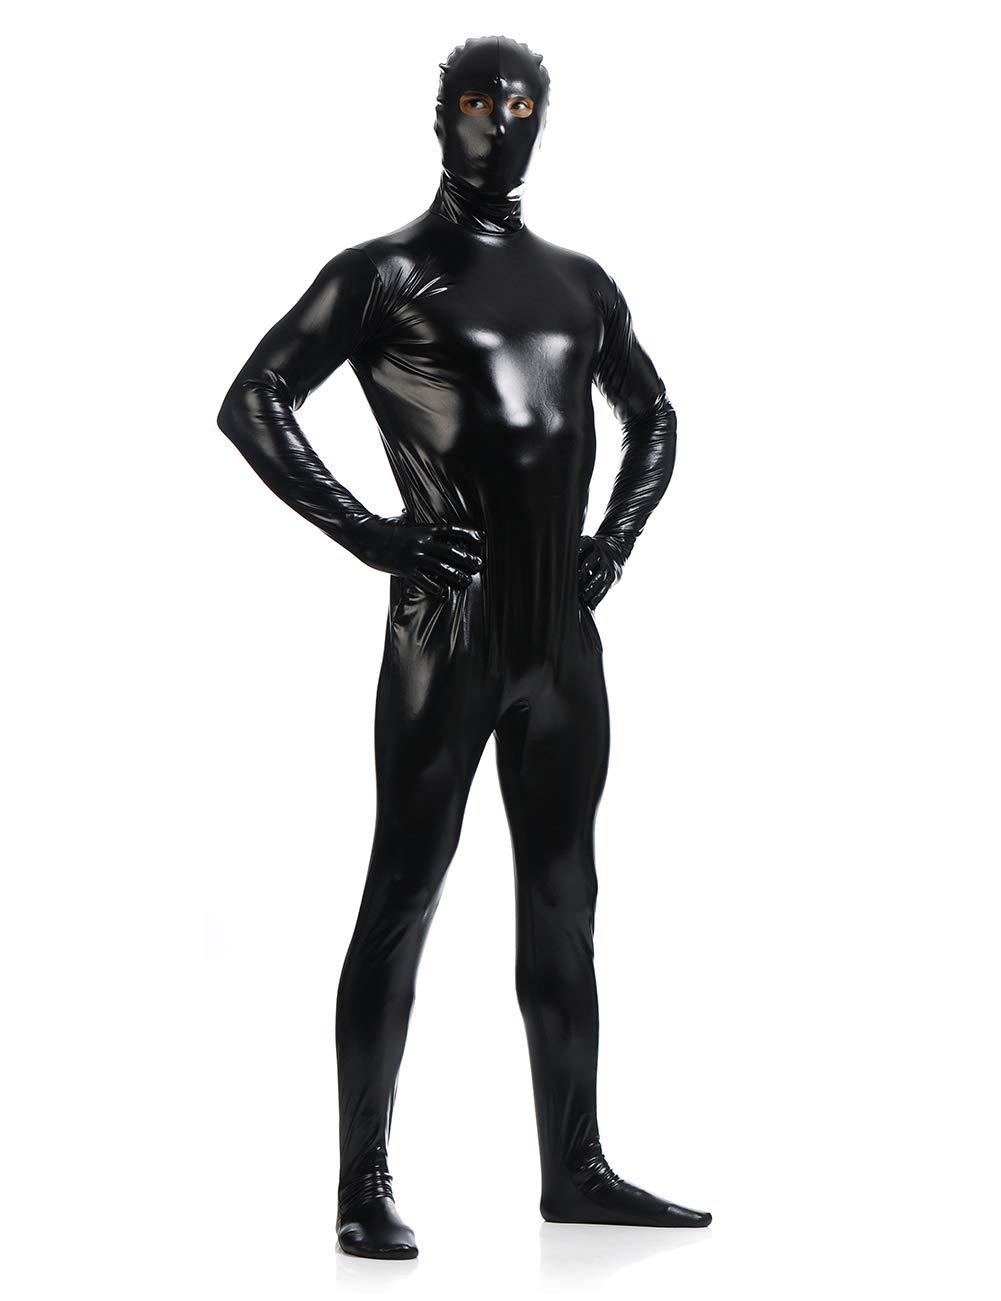 Unisex Metallic Zentai Suit Open Eyes Full Body Unitard Cosplay Suits Second Skin Bodysuits Super Suit Halloween Costume